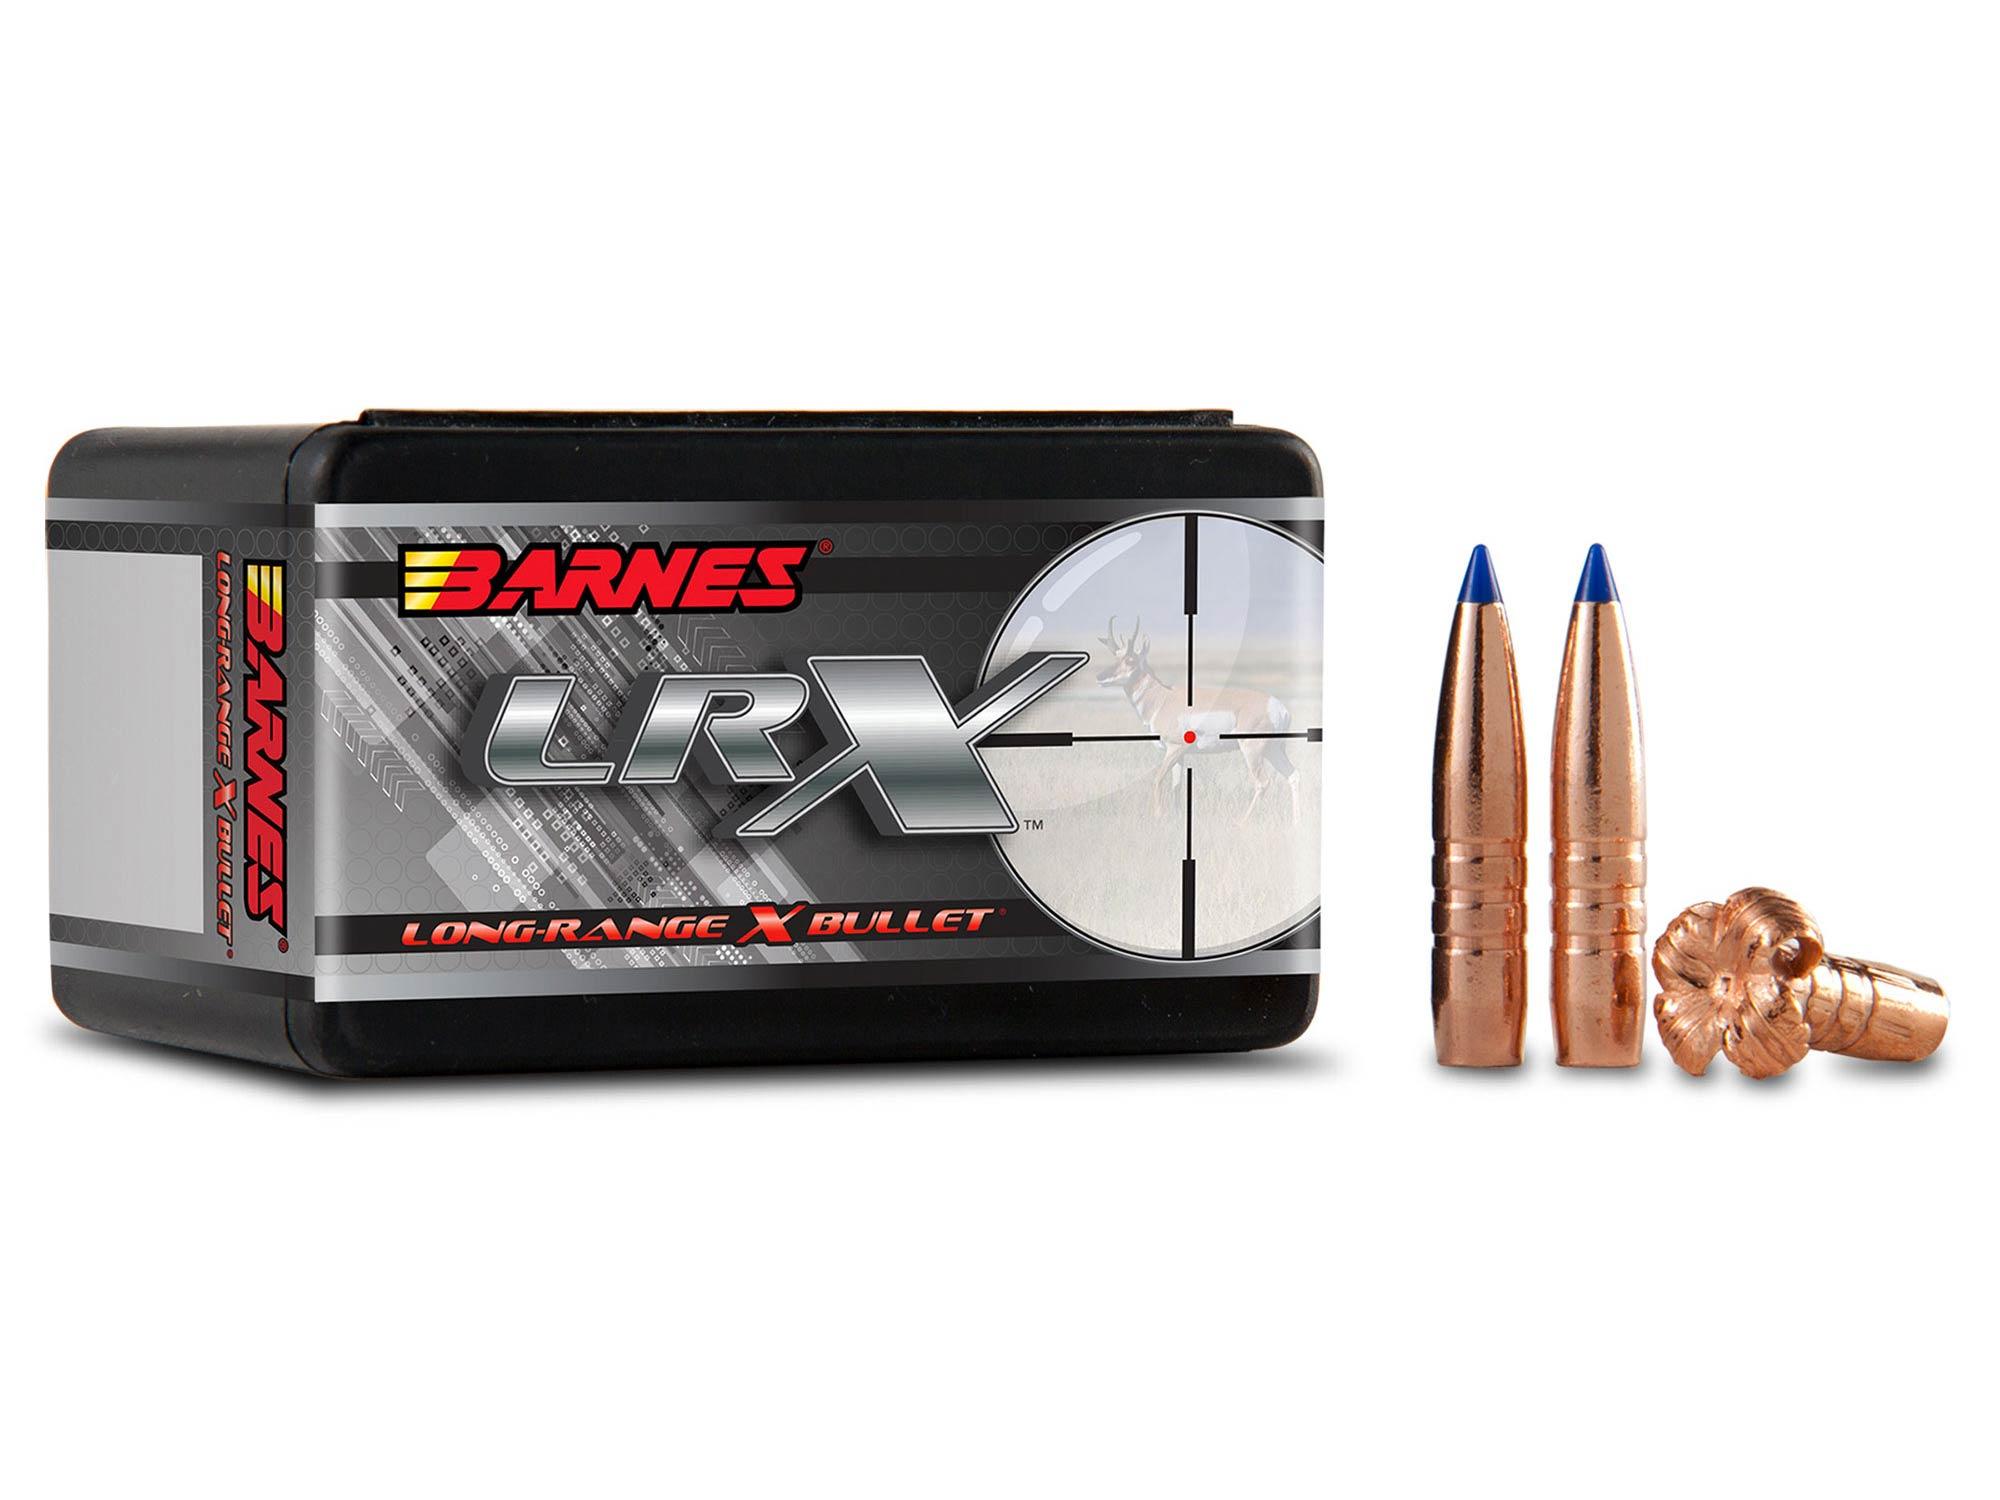 Barnes LRX